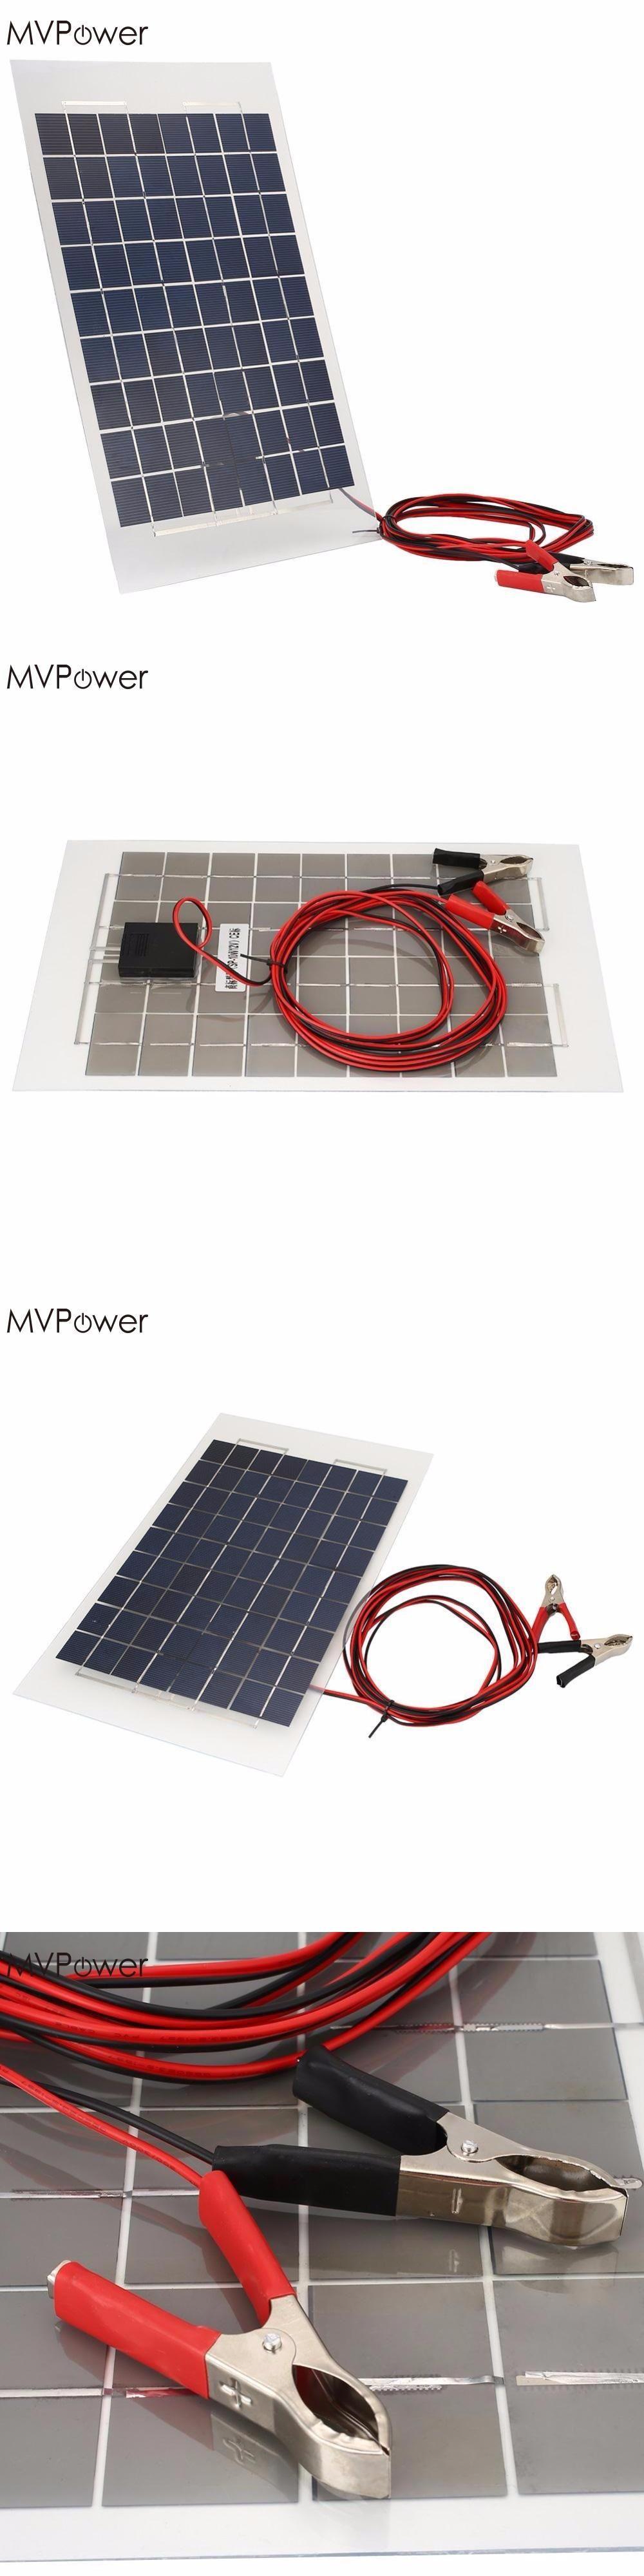 0d60fb951eac716f07043cc64871df77 Top Result 50 Inspirational Portable solar Panels Image 2018 Hdj5